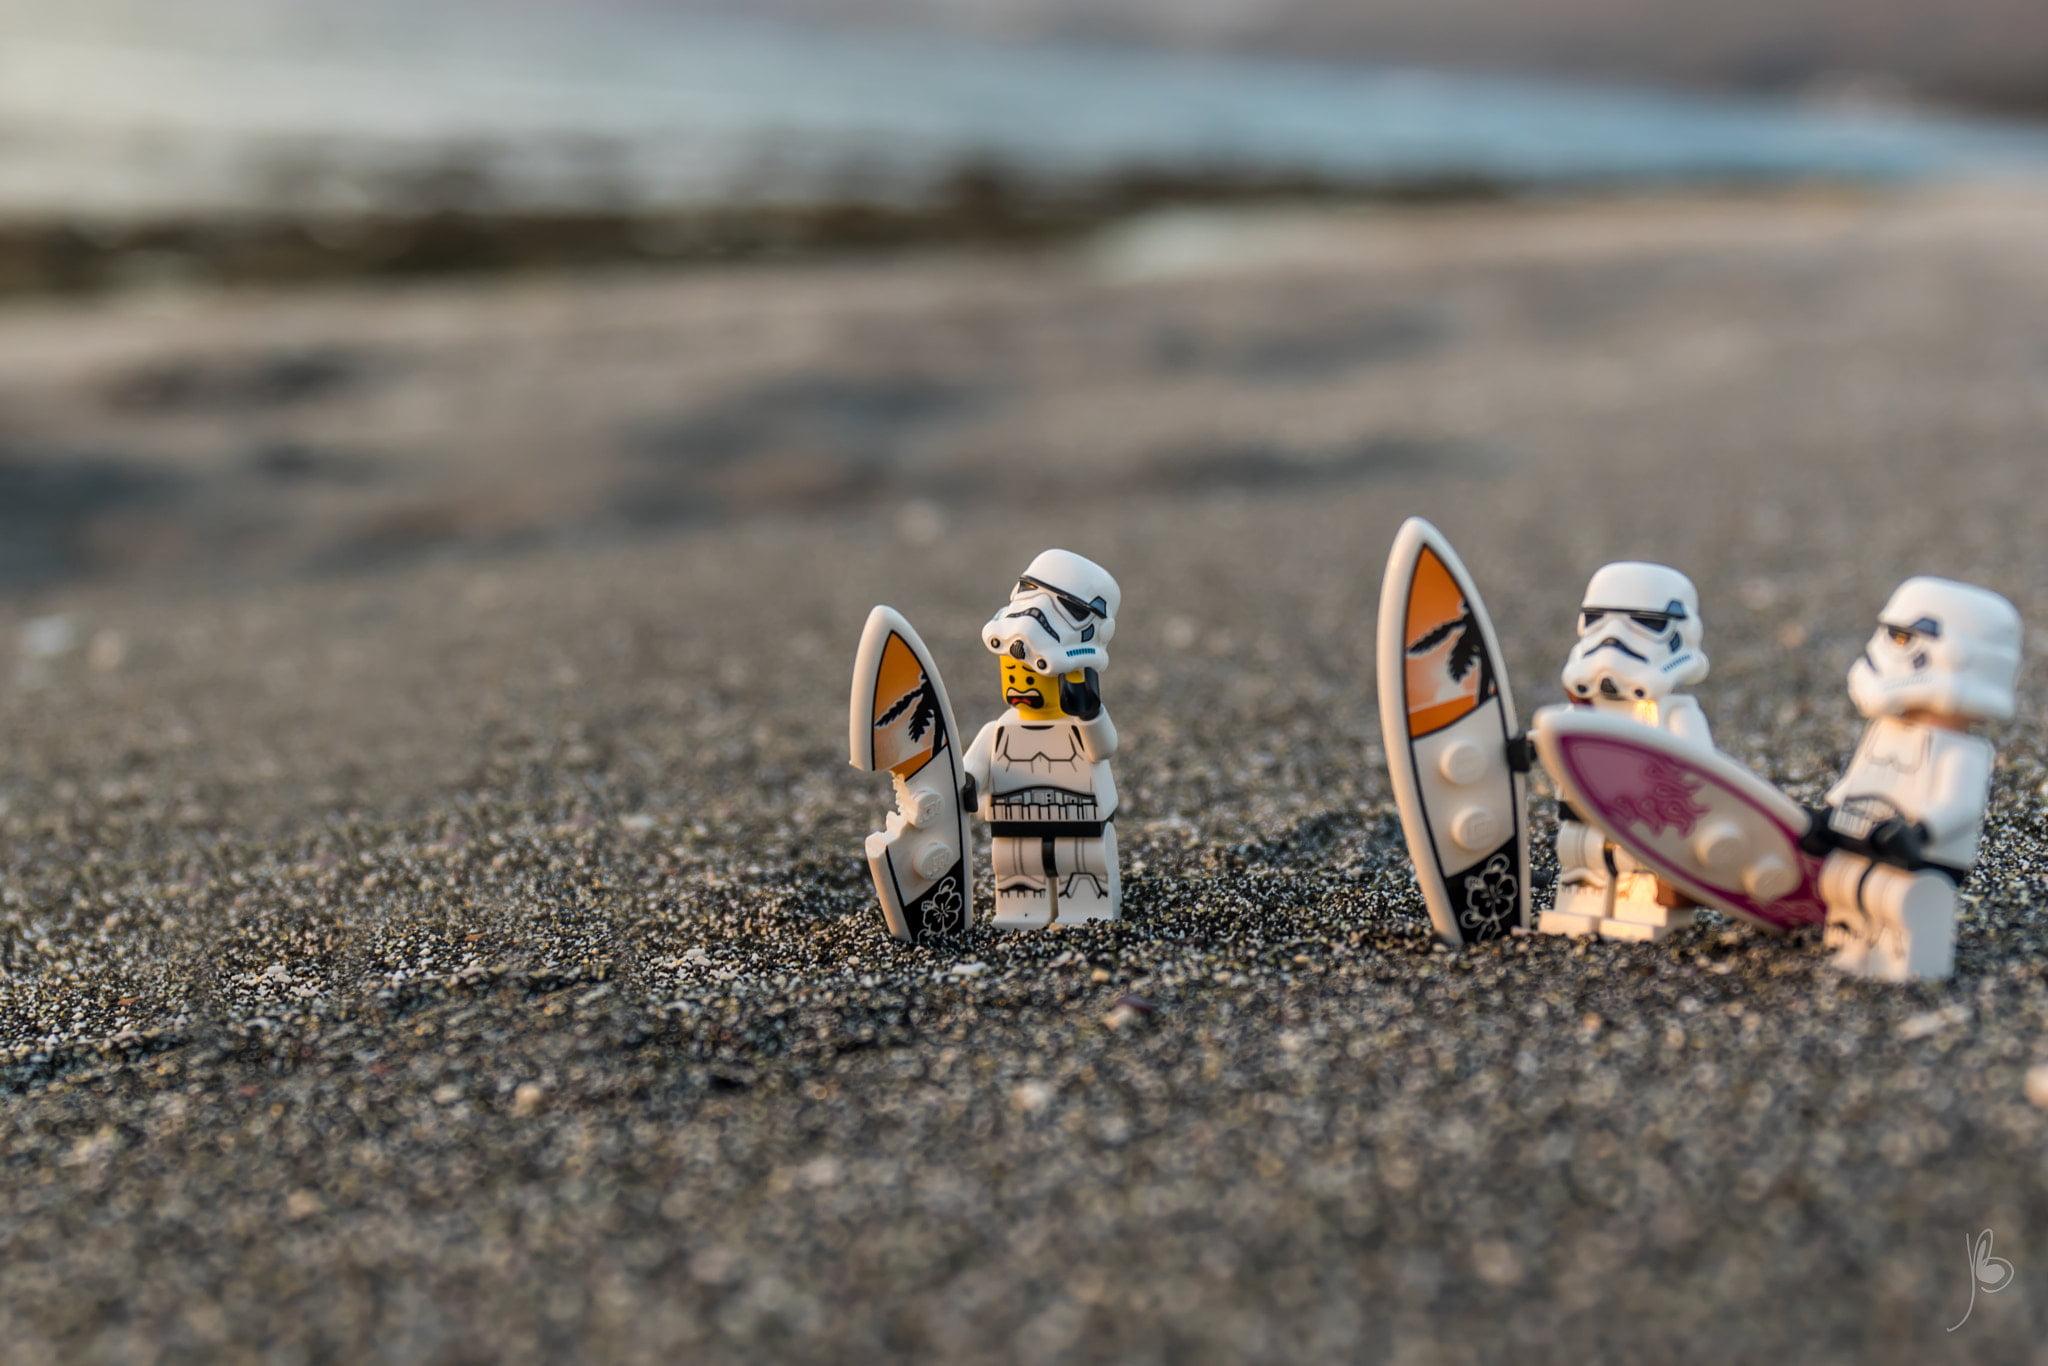 Lego Star Wars Humor 2048x1366 Wallpaper Teahub Io